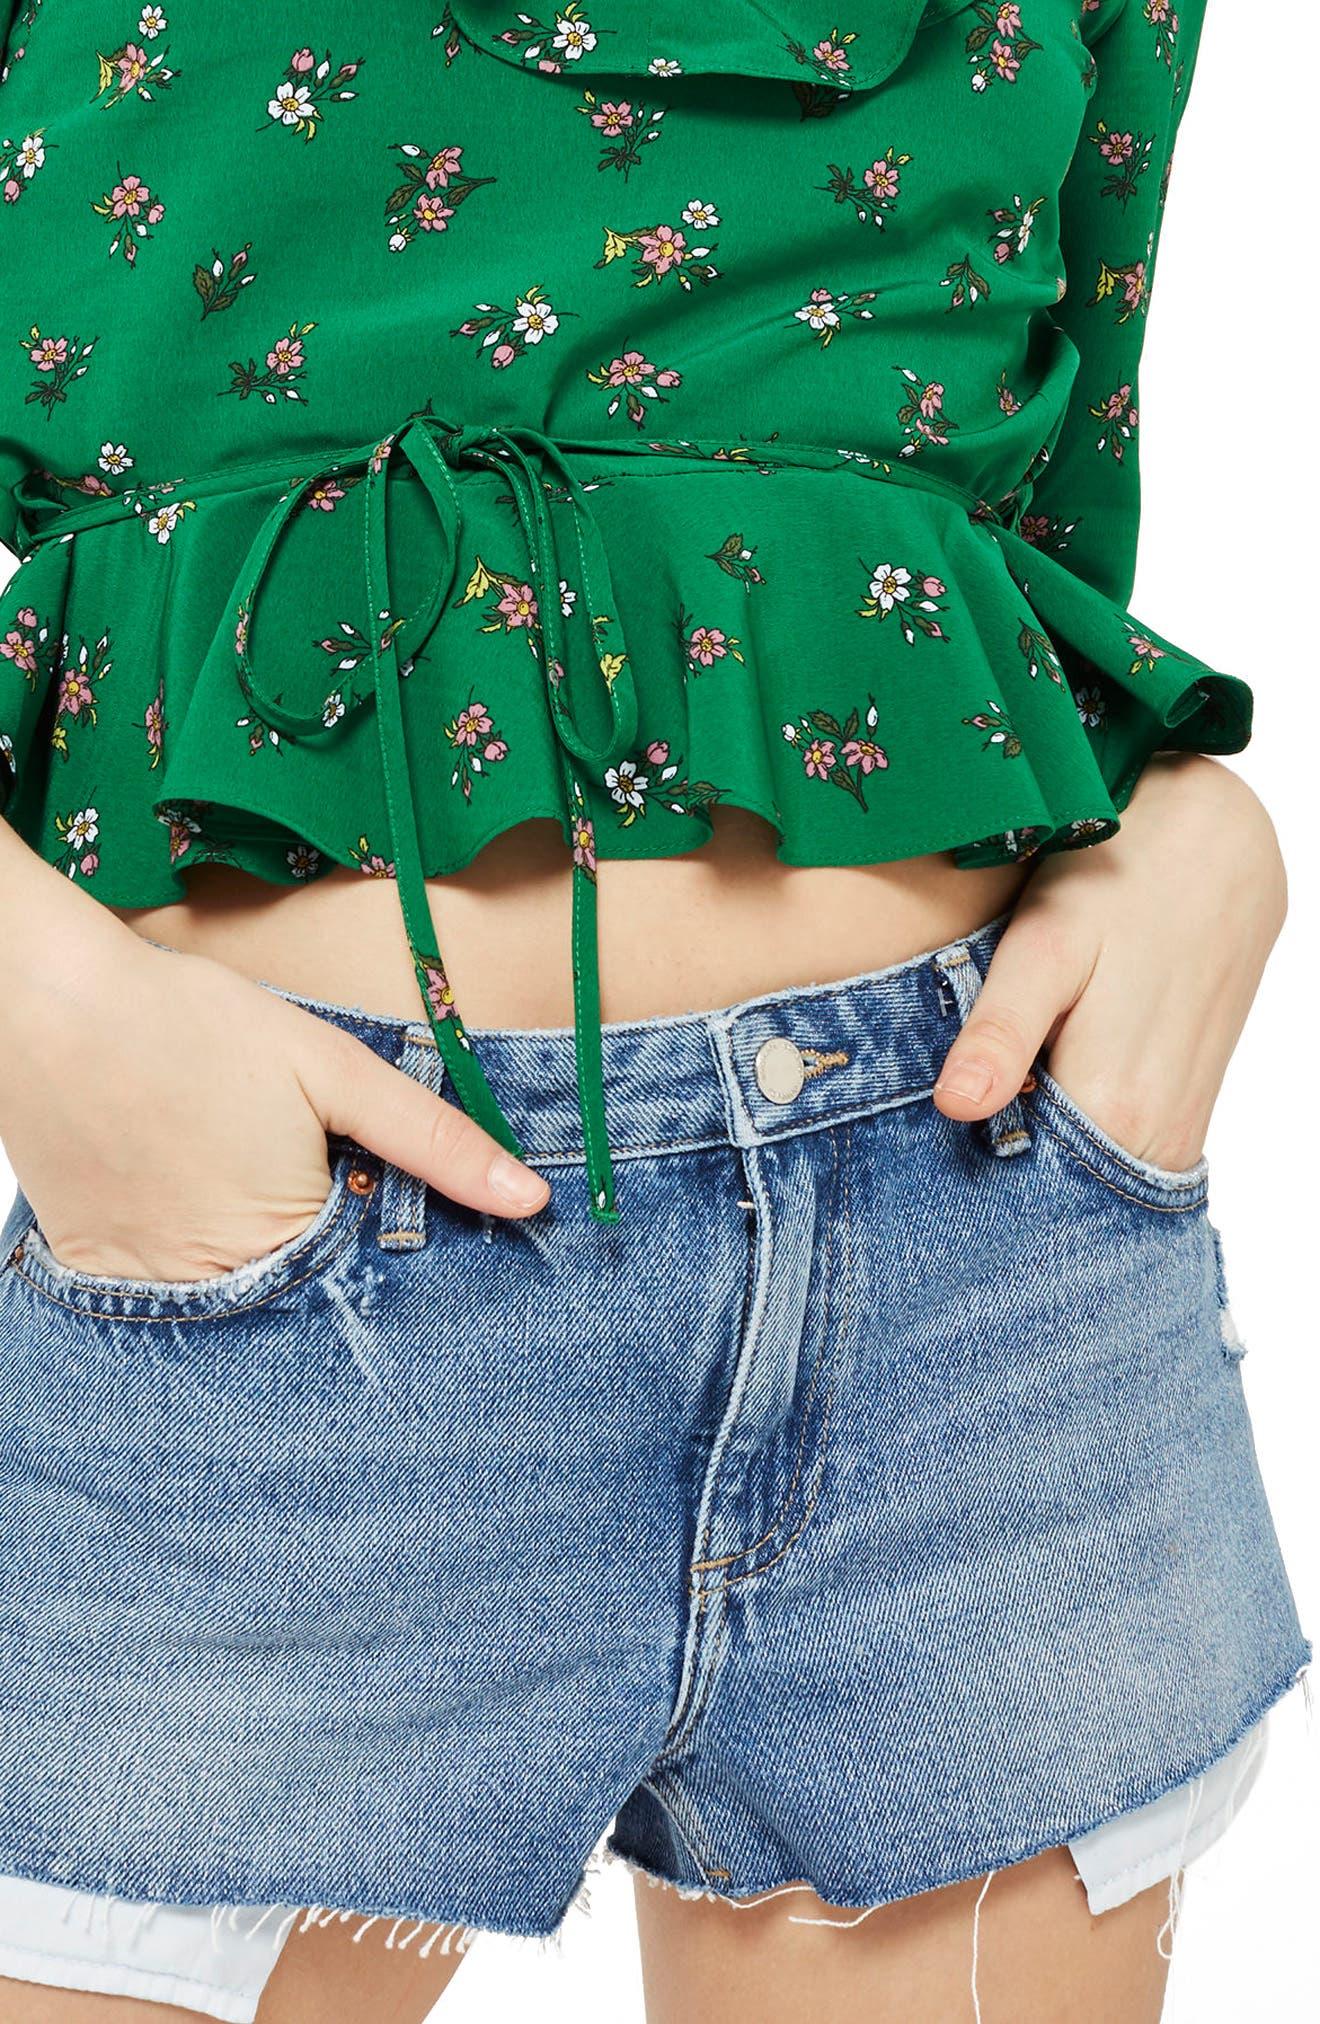 Main Image - Topshop Cory Moto Mid Denim Shorts